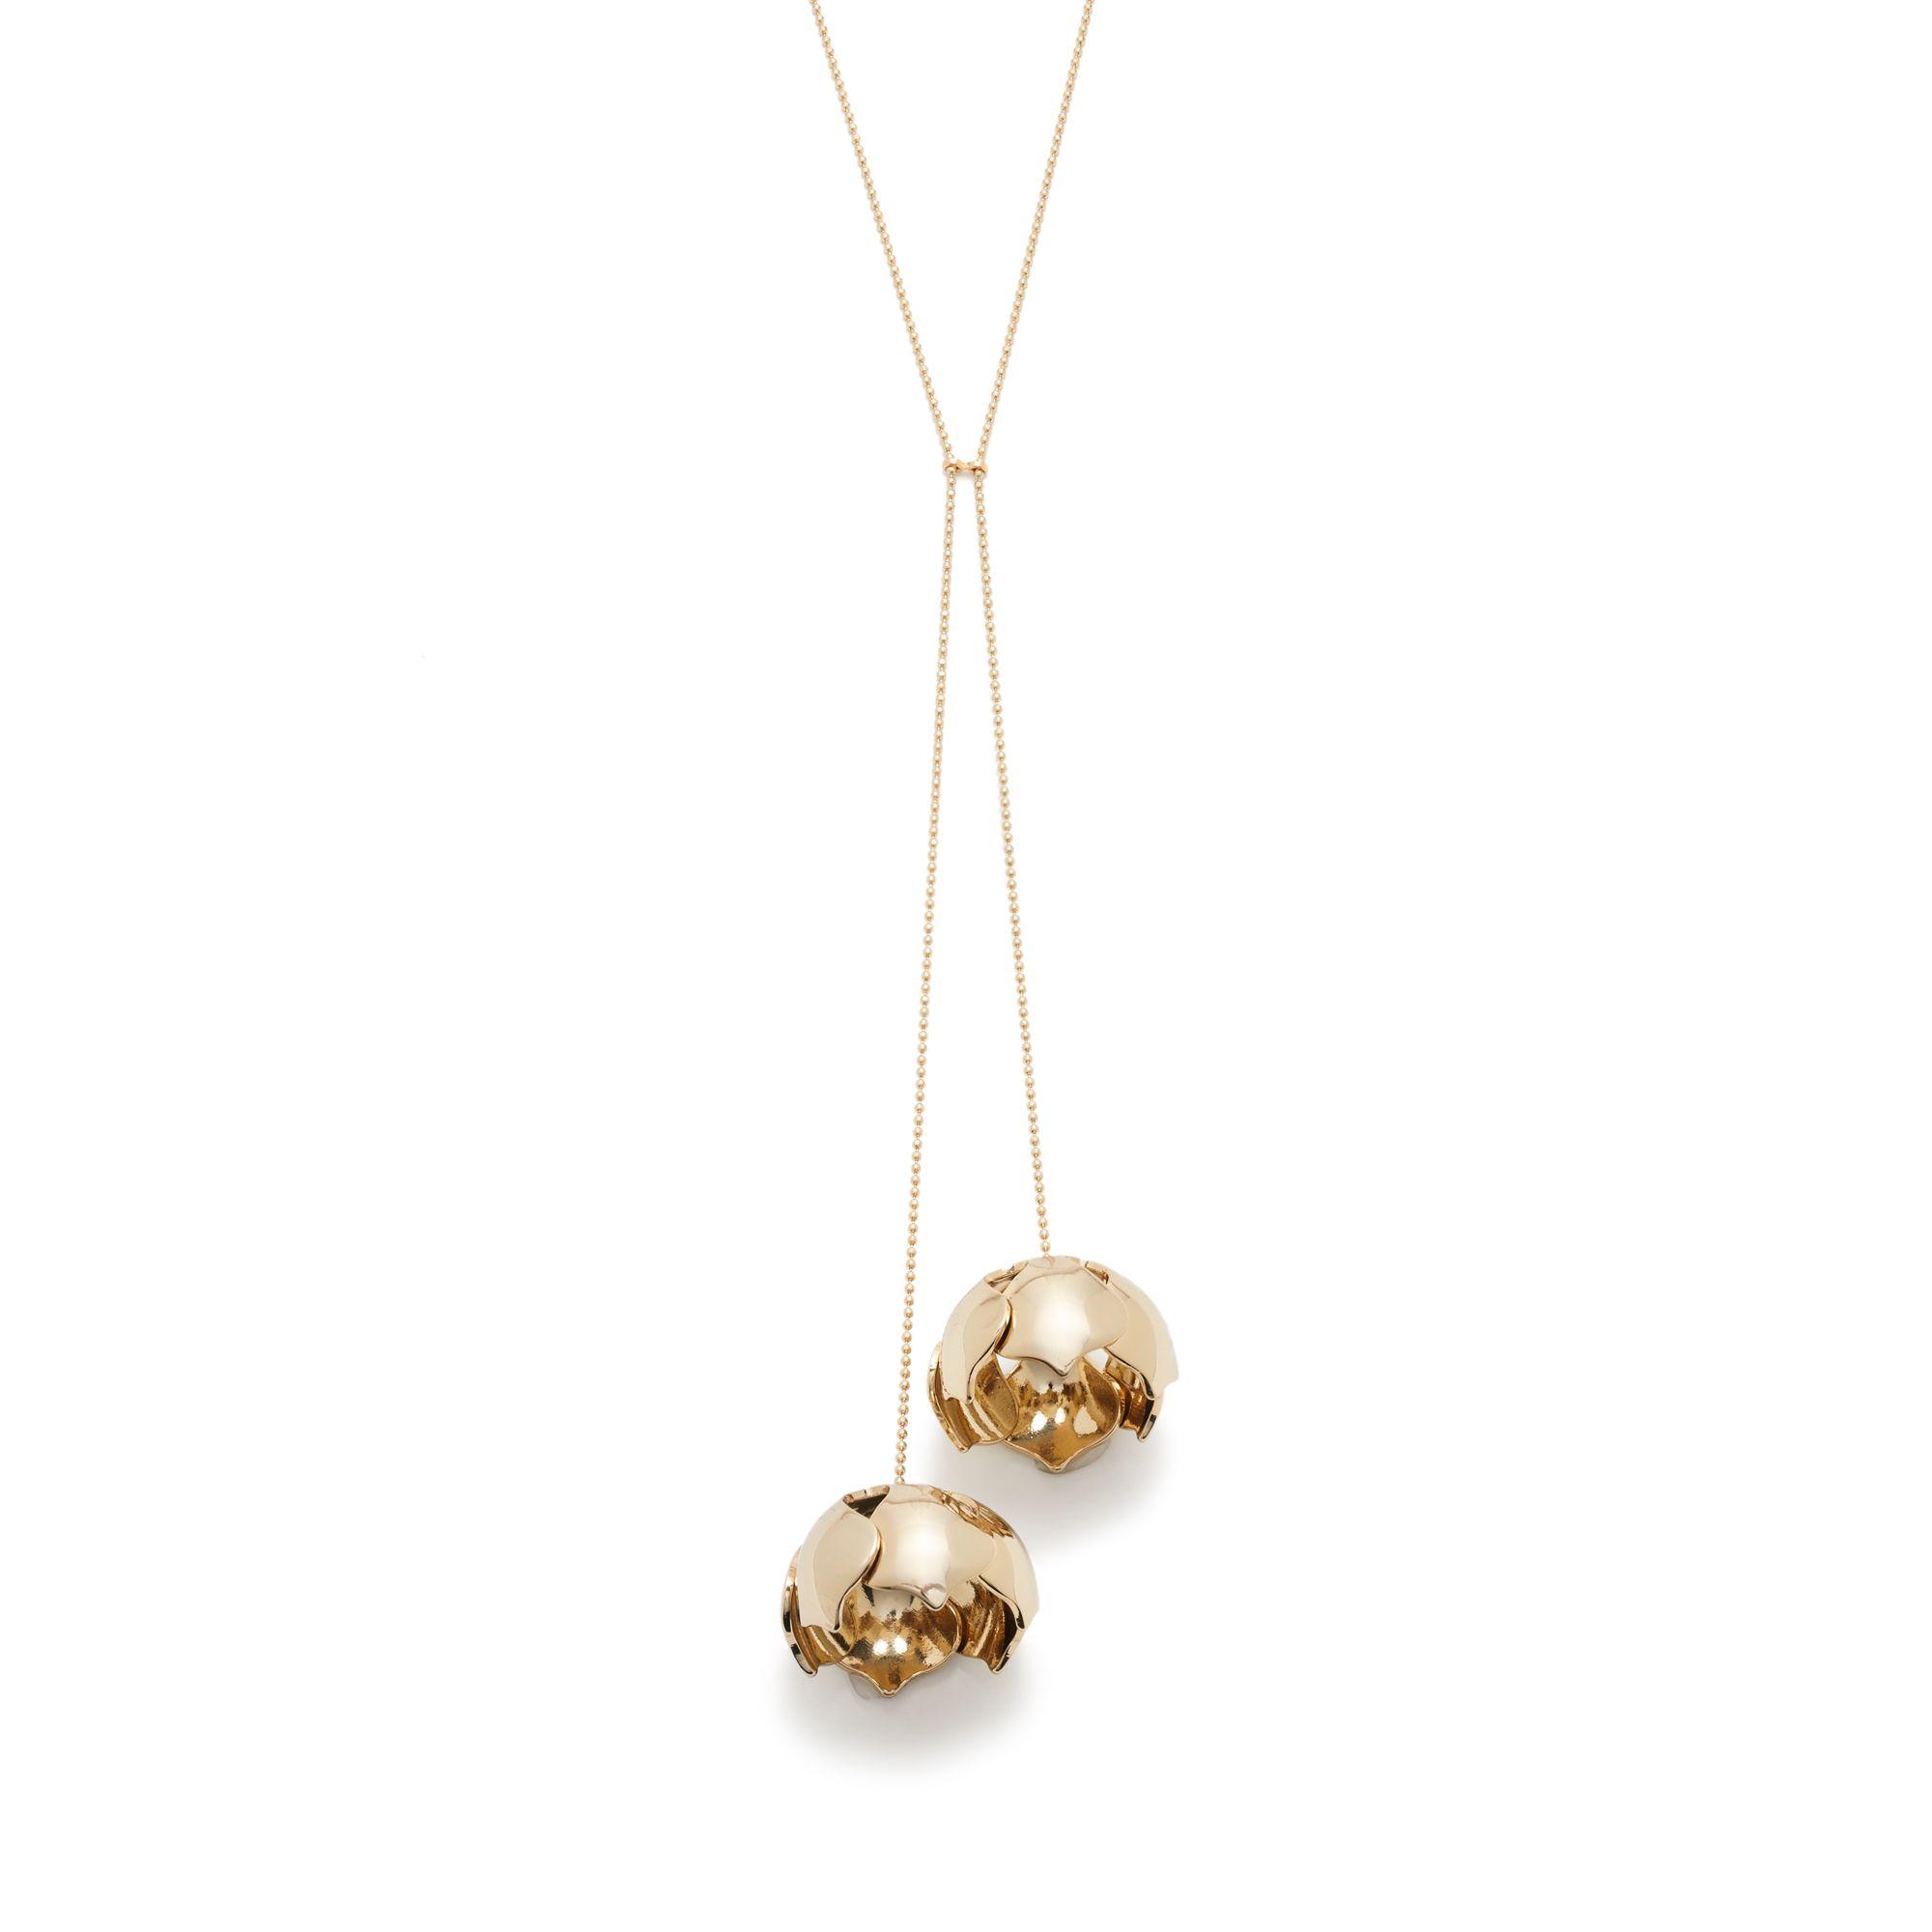 Jcrew womenus dangling orb pendant necklace jewellery